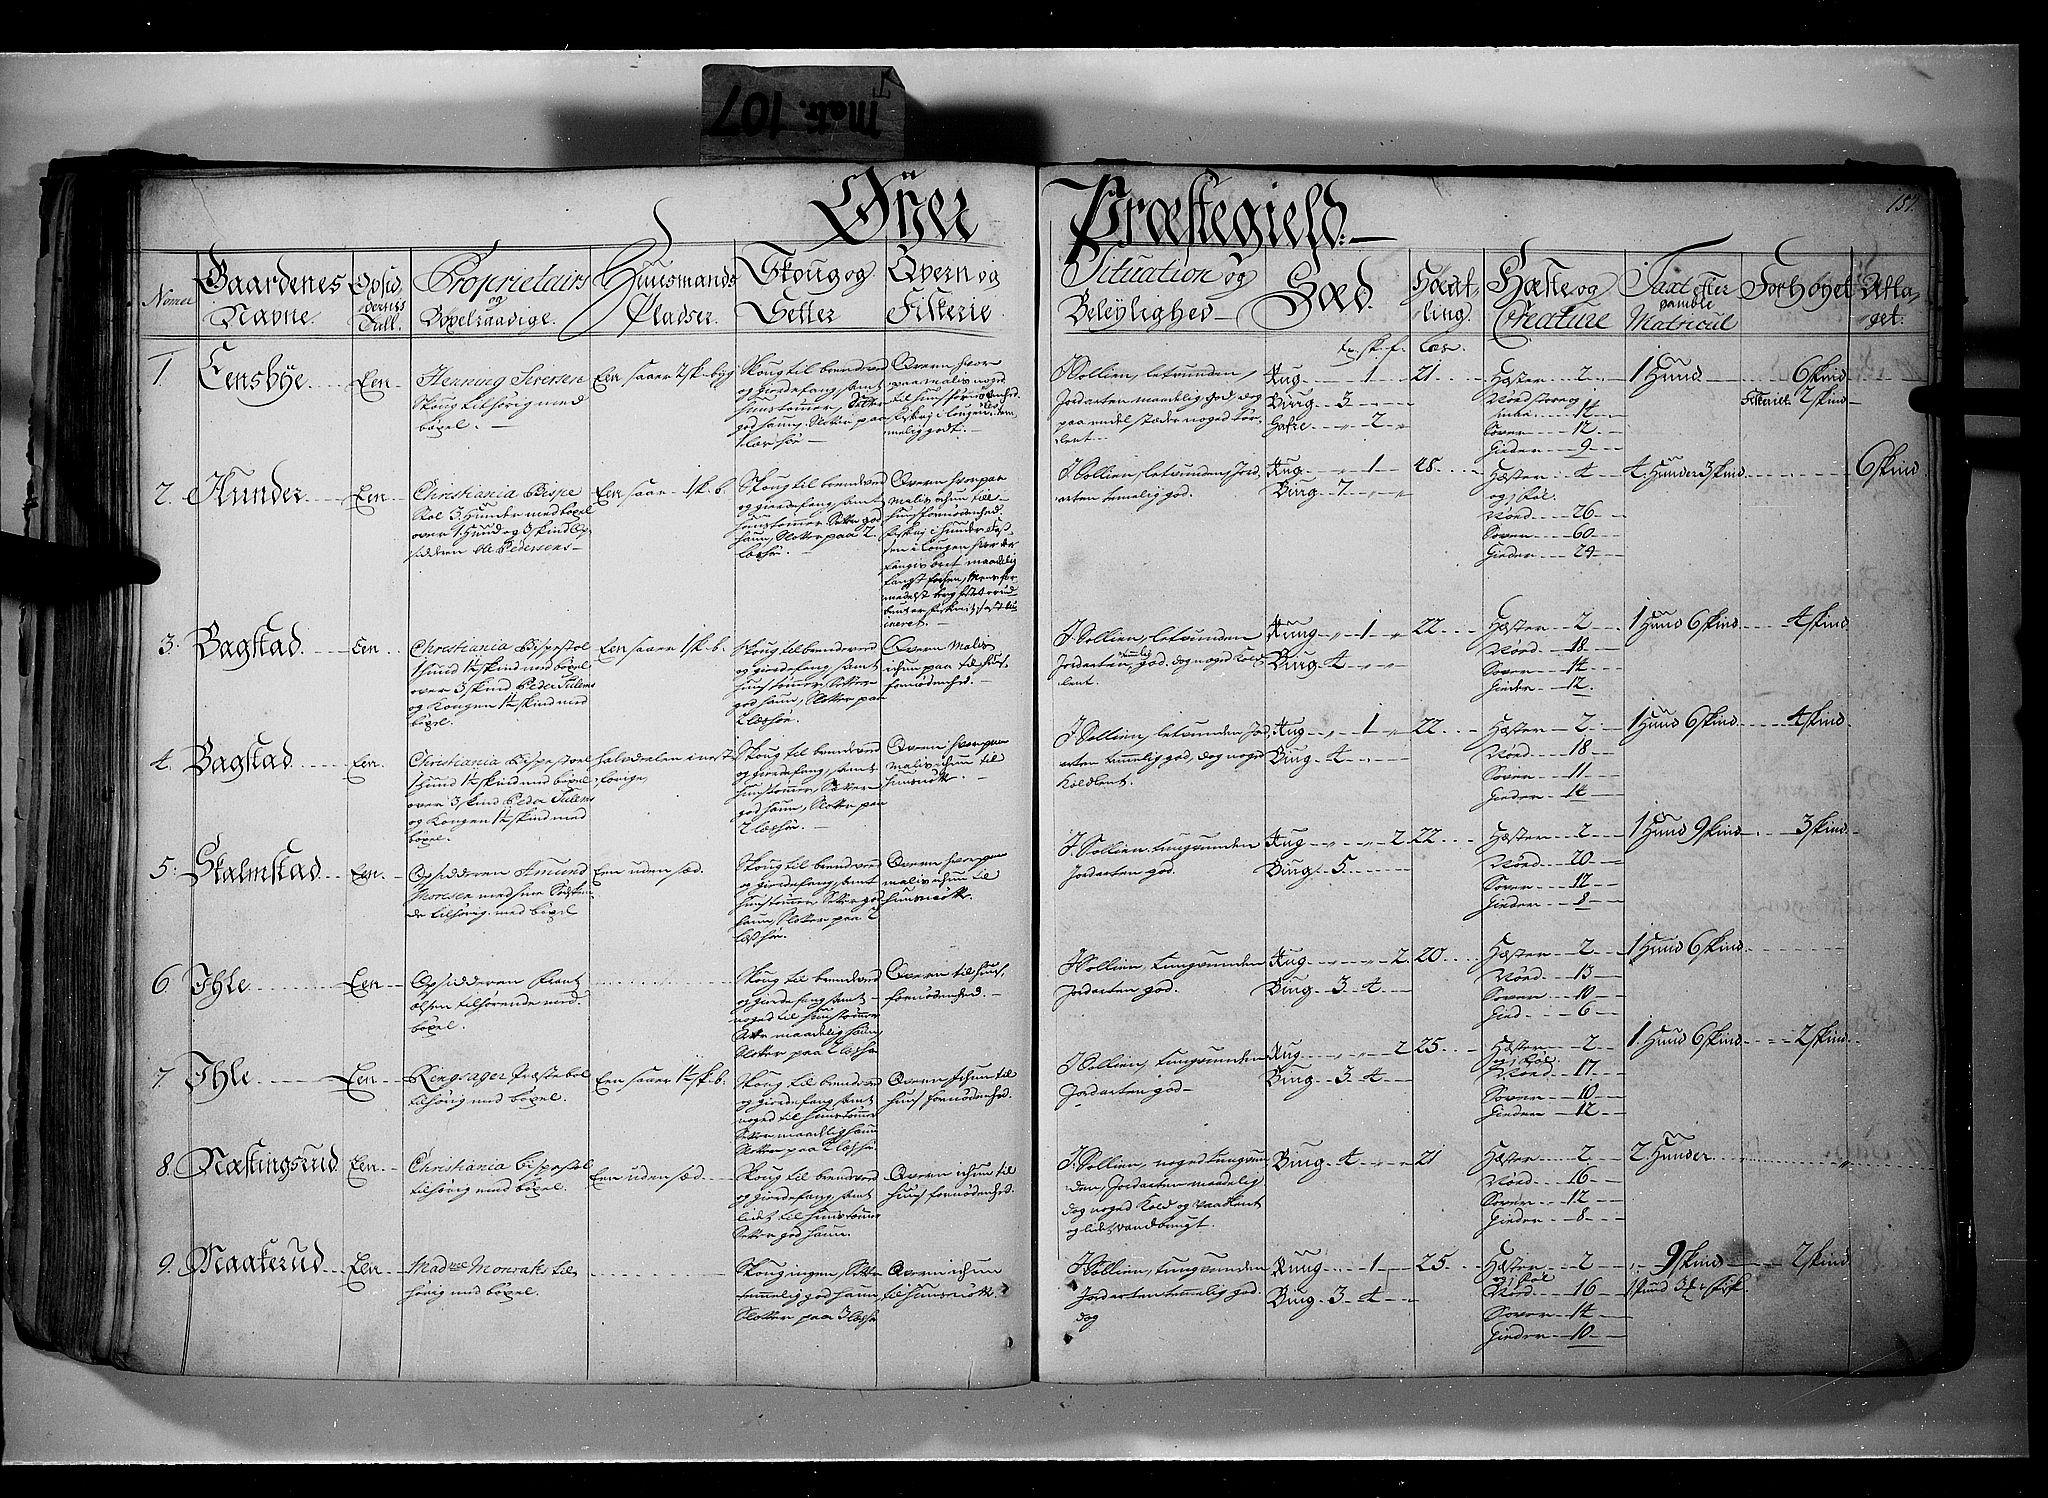 RA, Rentekammeret inntil 1814, Realistisk ordnet avdeling, N/Nb/Nbf/L0107: Gudbrandsdalen eksaminasjonsprotokoll, 1723, s. 156b-157a